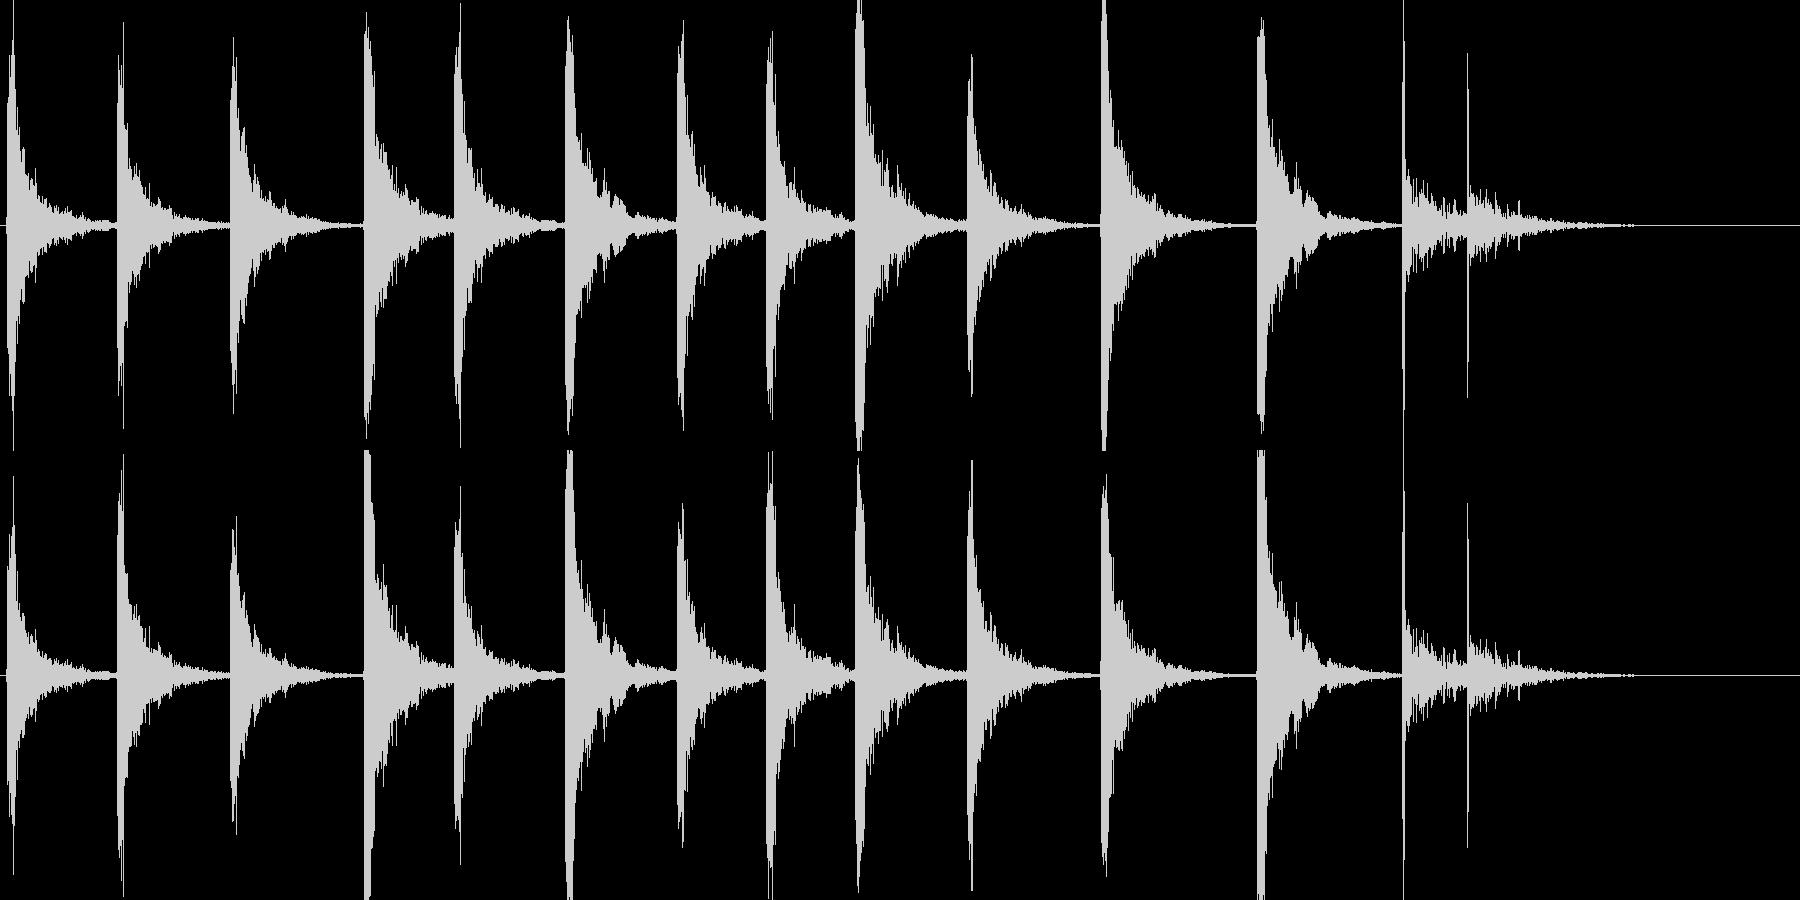 鉄のはしごを下りる音です。の未再生の波形